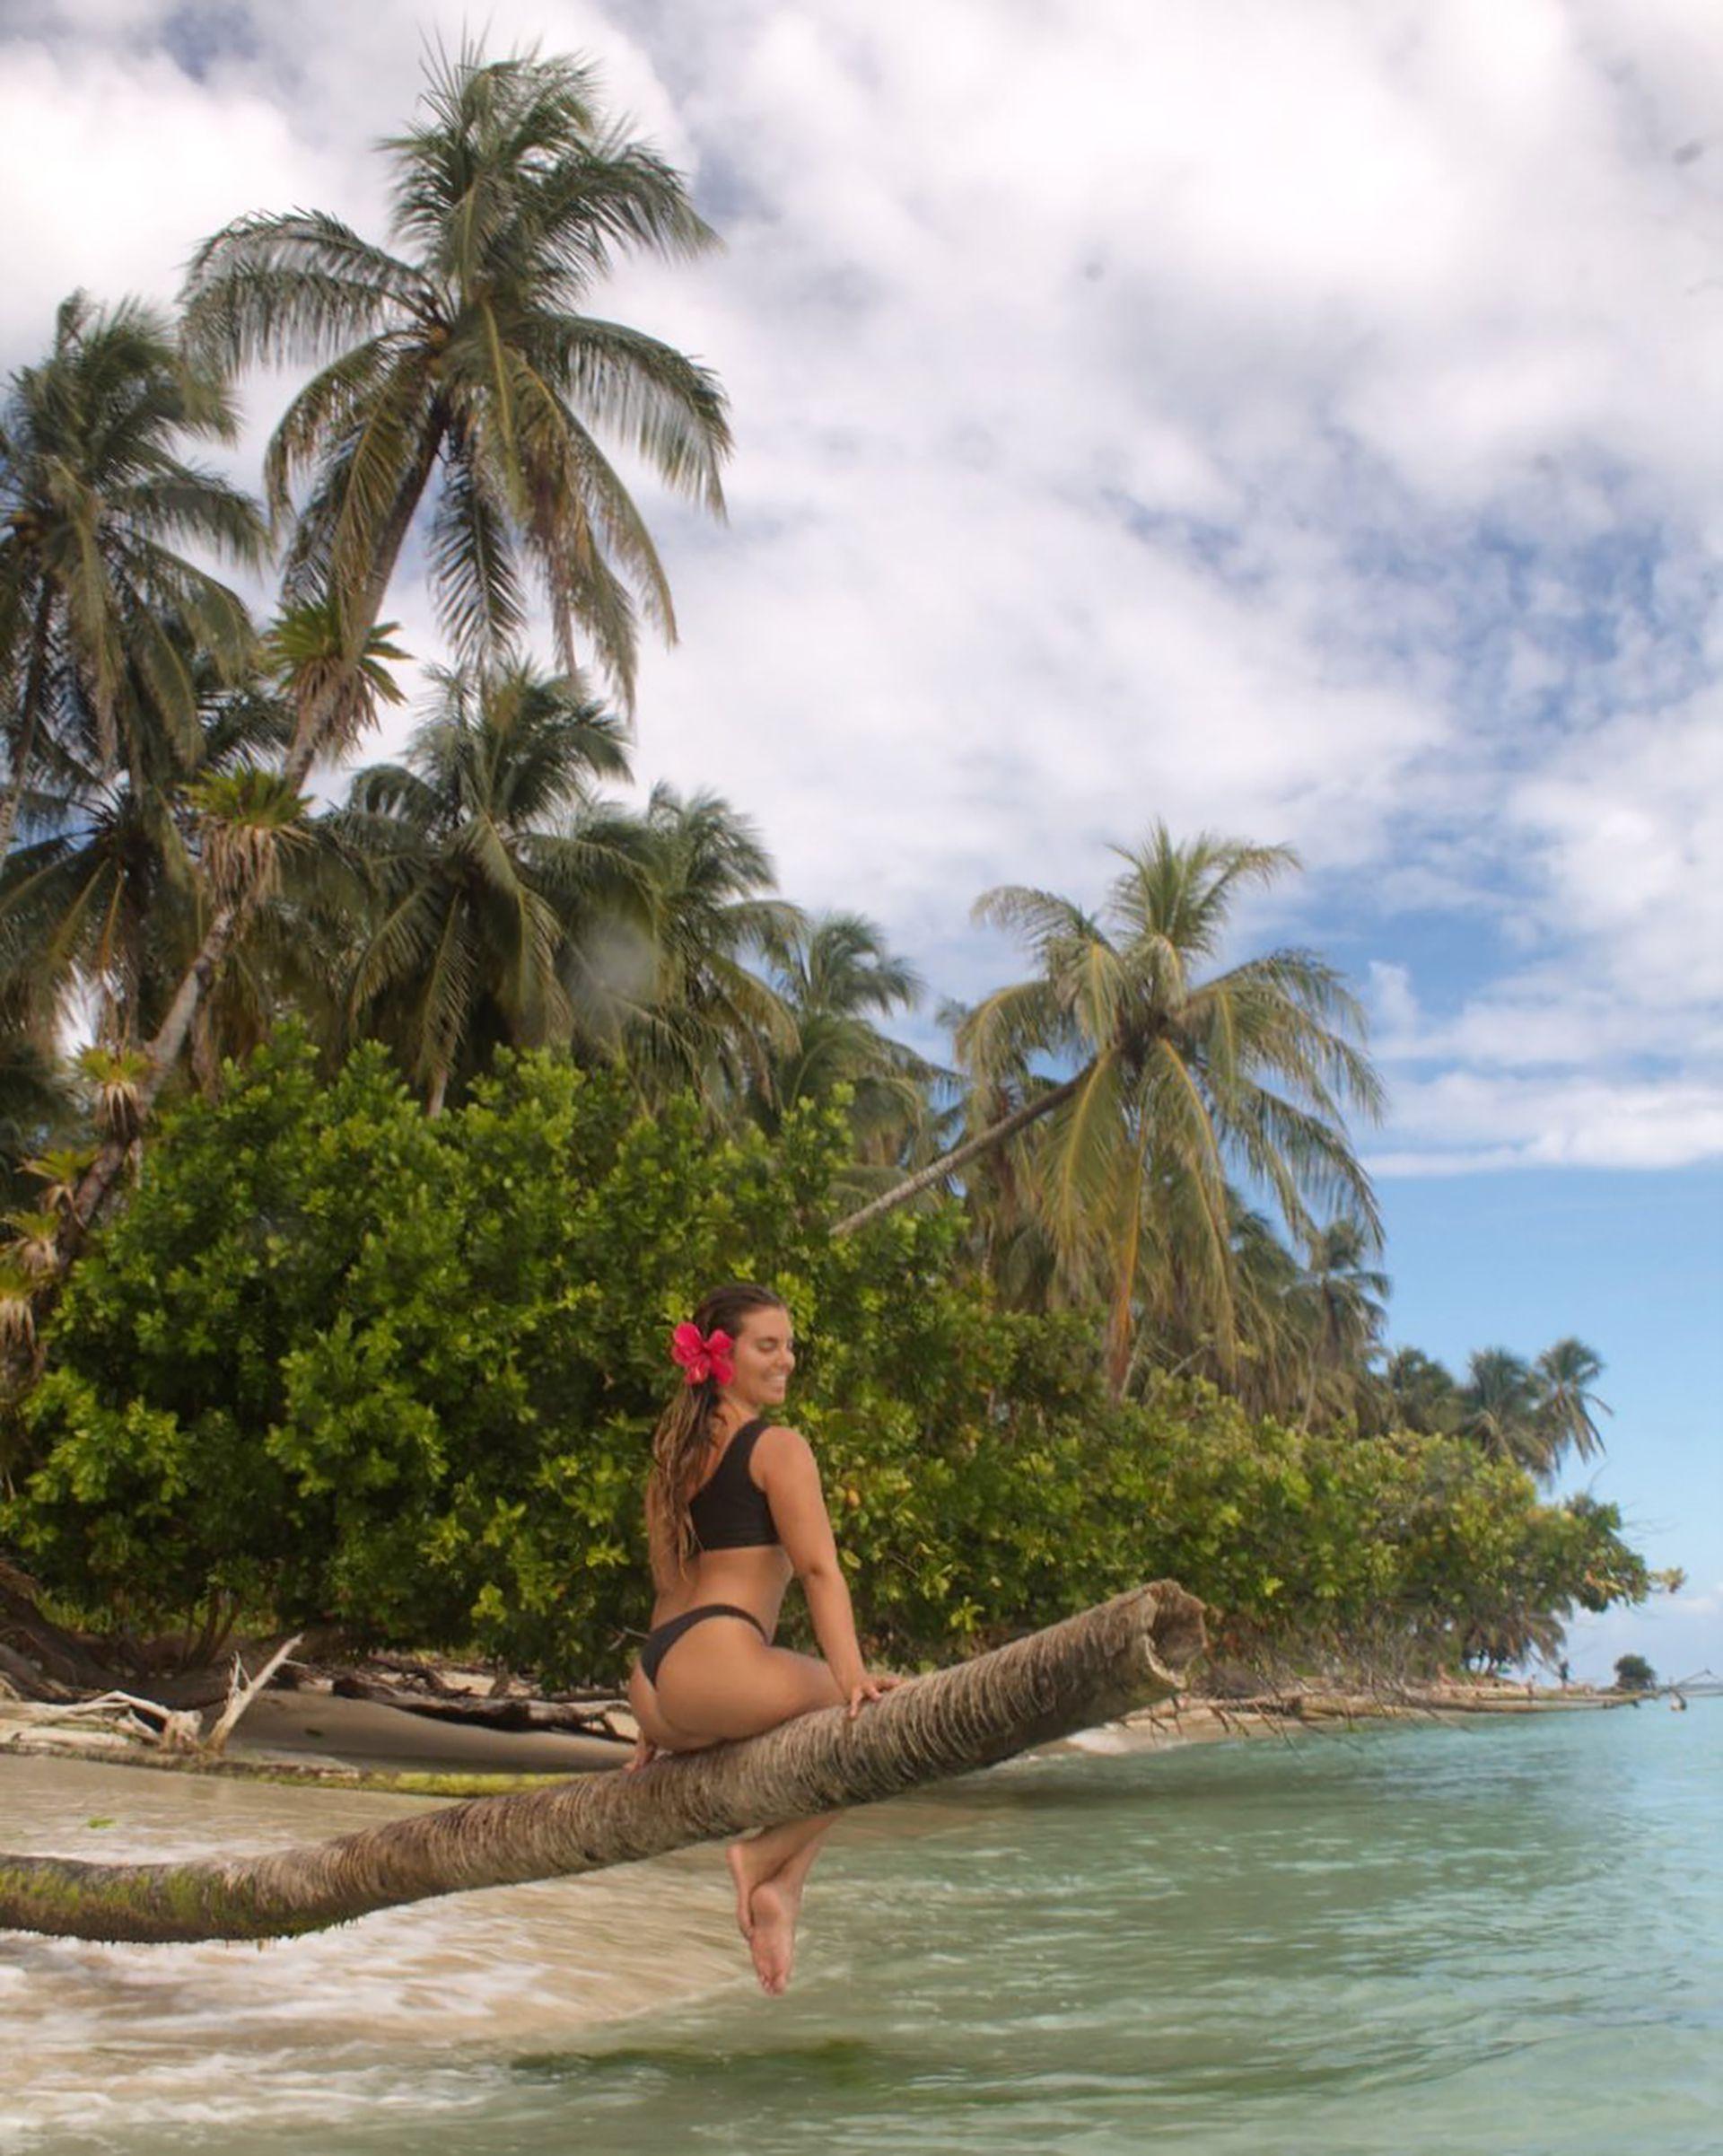 Hoy, el mundo de Martina cambió y vive descalza y en traje de baño. Su hogar está en Bocas del Toro, en el Caribe de Panamá